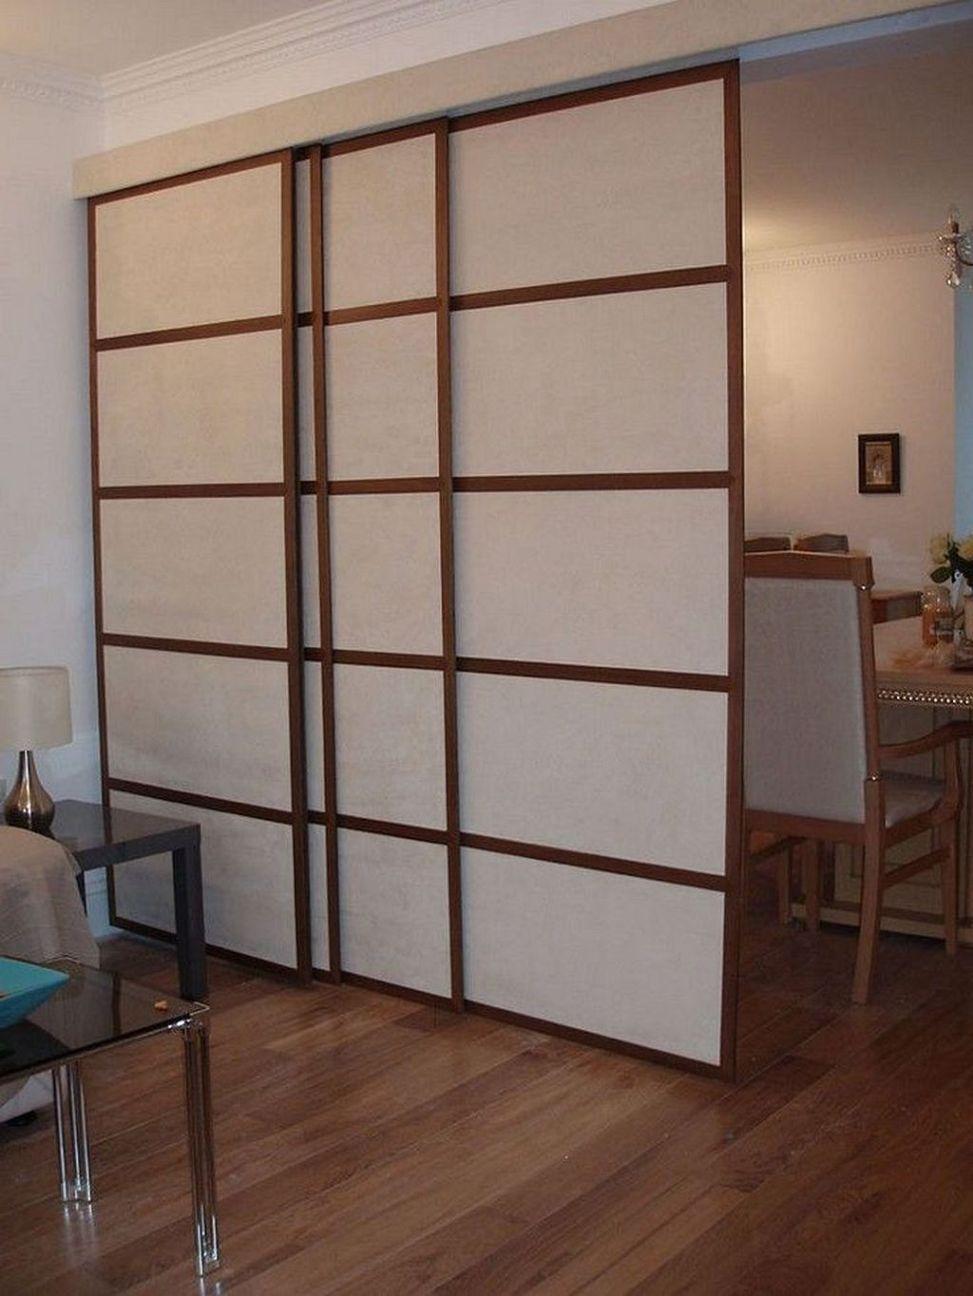 Cloisons Japonaises Coulissantes Unique Porte Coulissante Separation De Piece Ikea Beau Cloison Japonaise Pallet Walls Home Decor Home